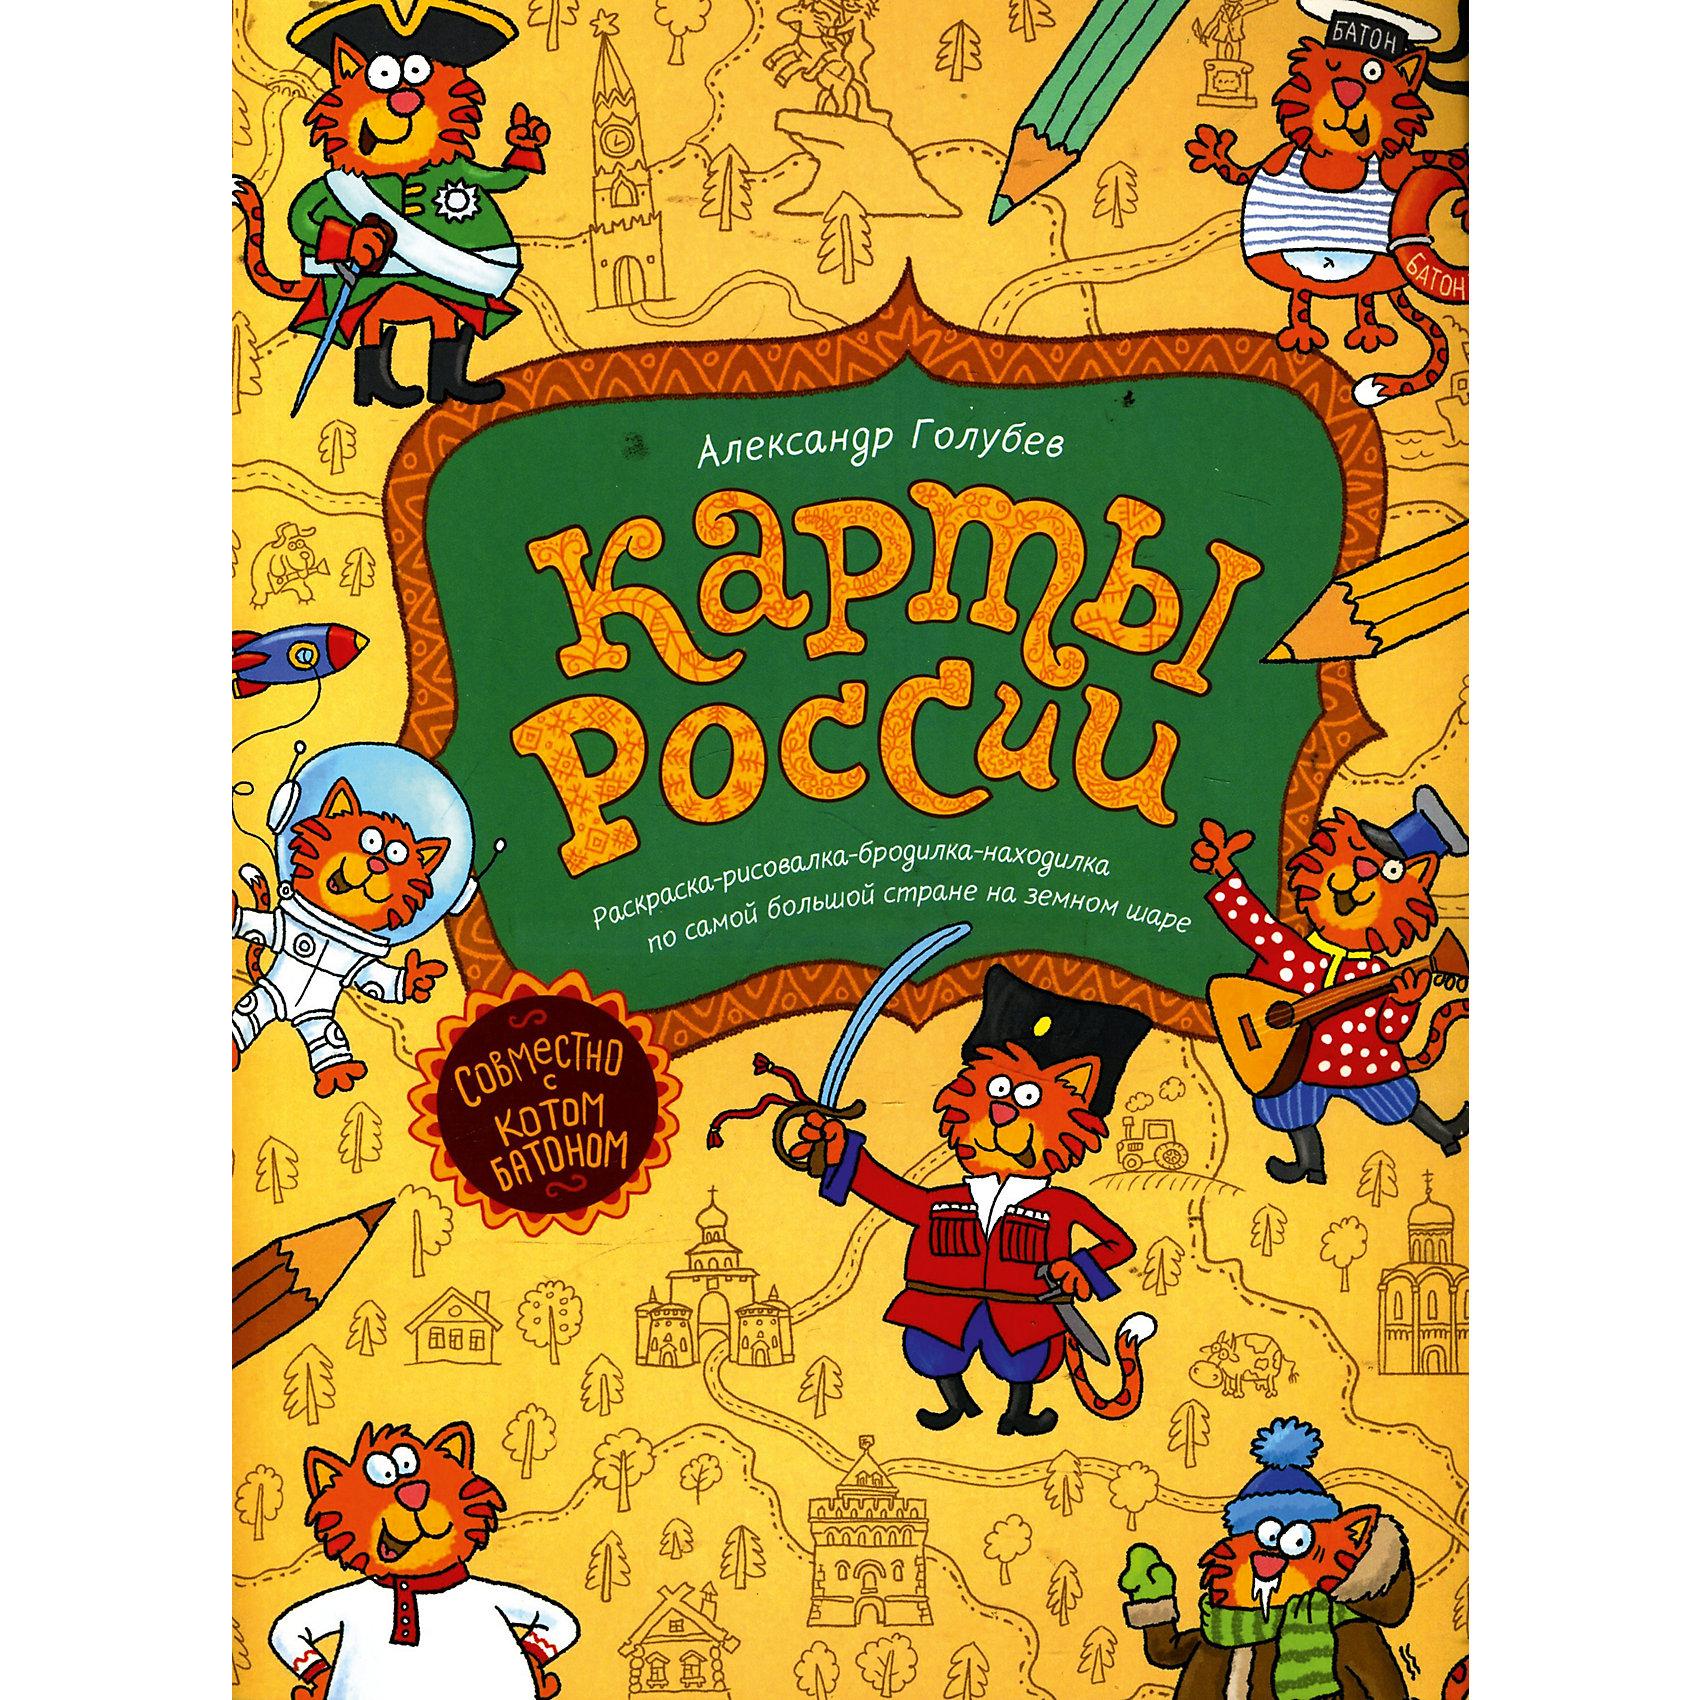 Речь Раскраска-рисовалка-бродилка-находилка Карты России голубев а кругосветный дед мороз раскраска рисовалка бродилка находилка